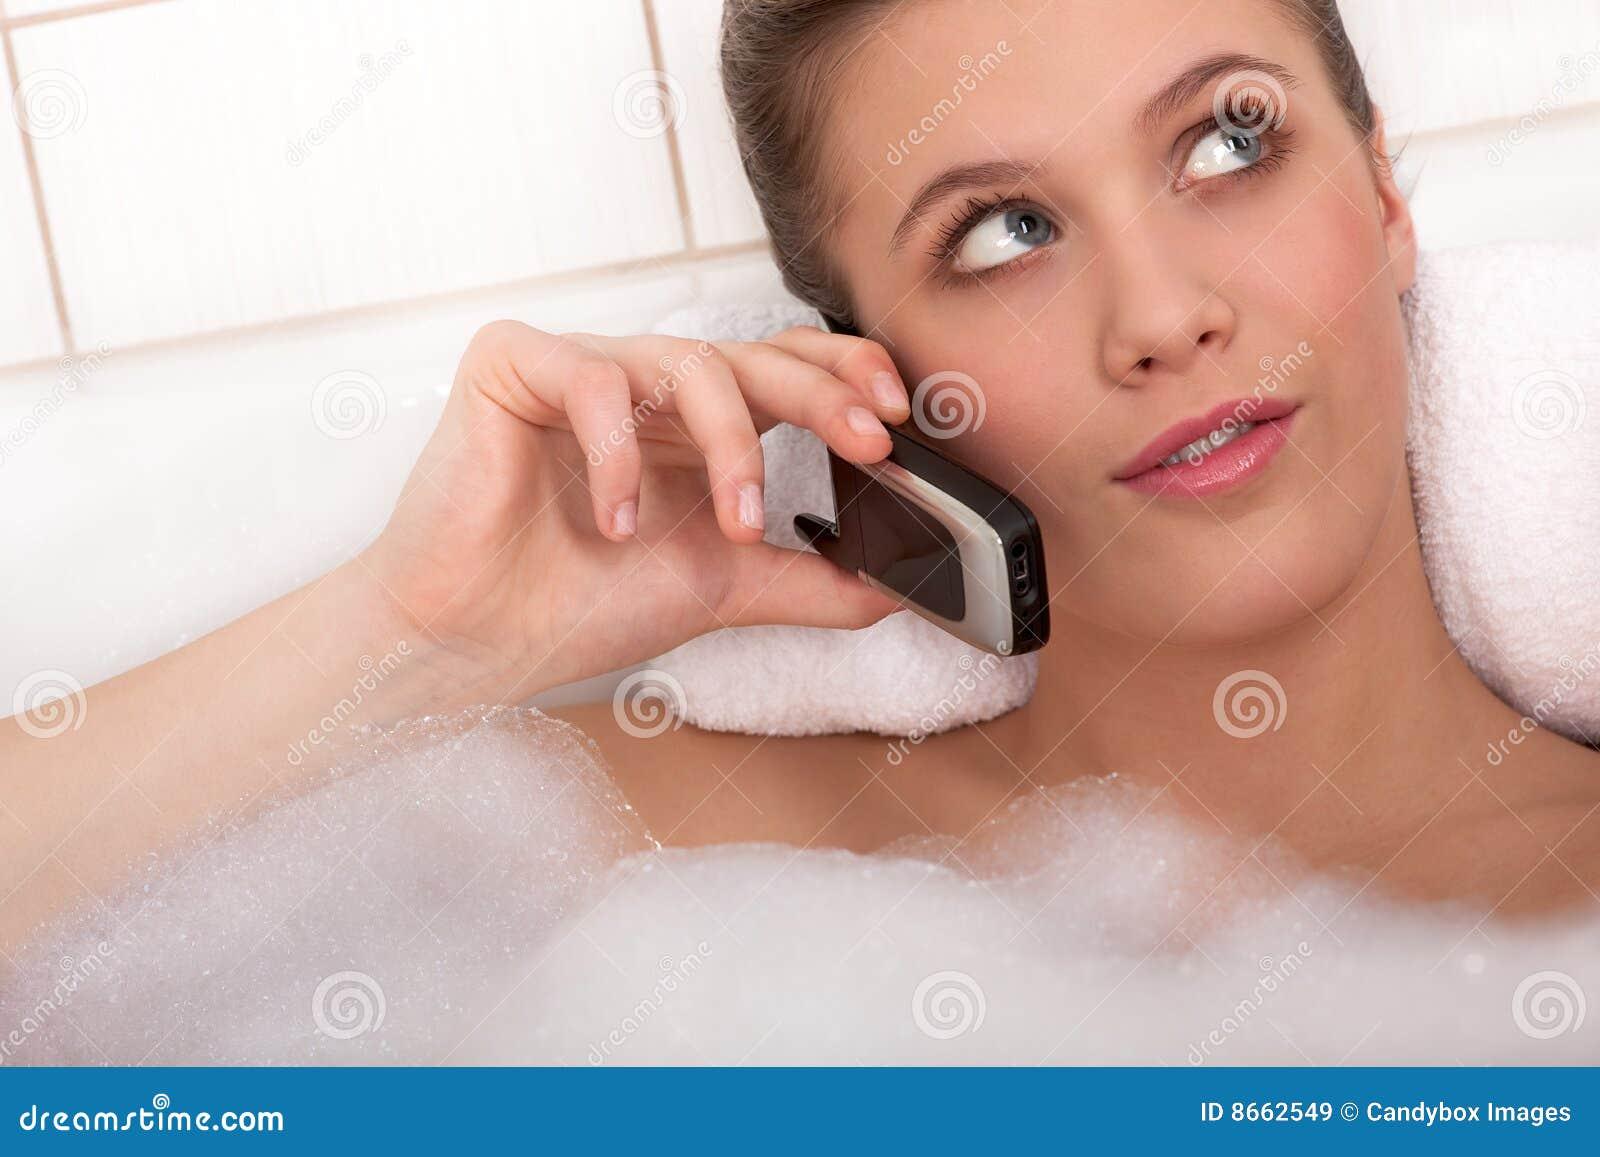 Serie di cura del corpo giovane donna nella vasca da bagno immagine stock immagine 8662549 - Foto nella vasca da bagno ...